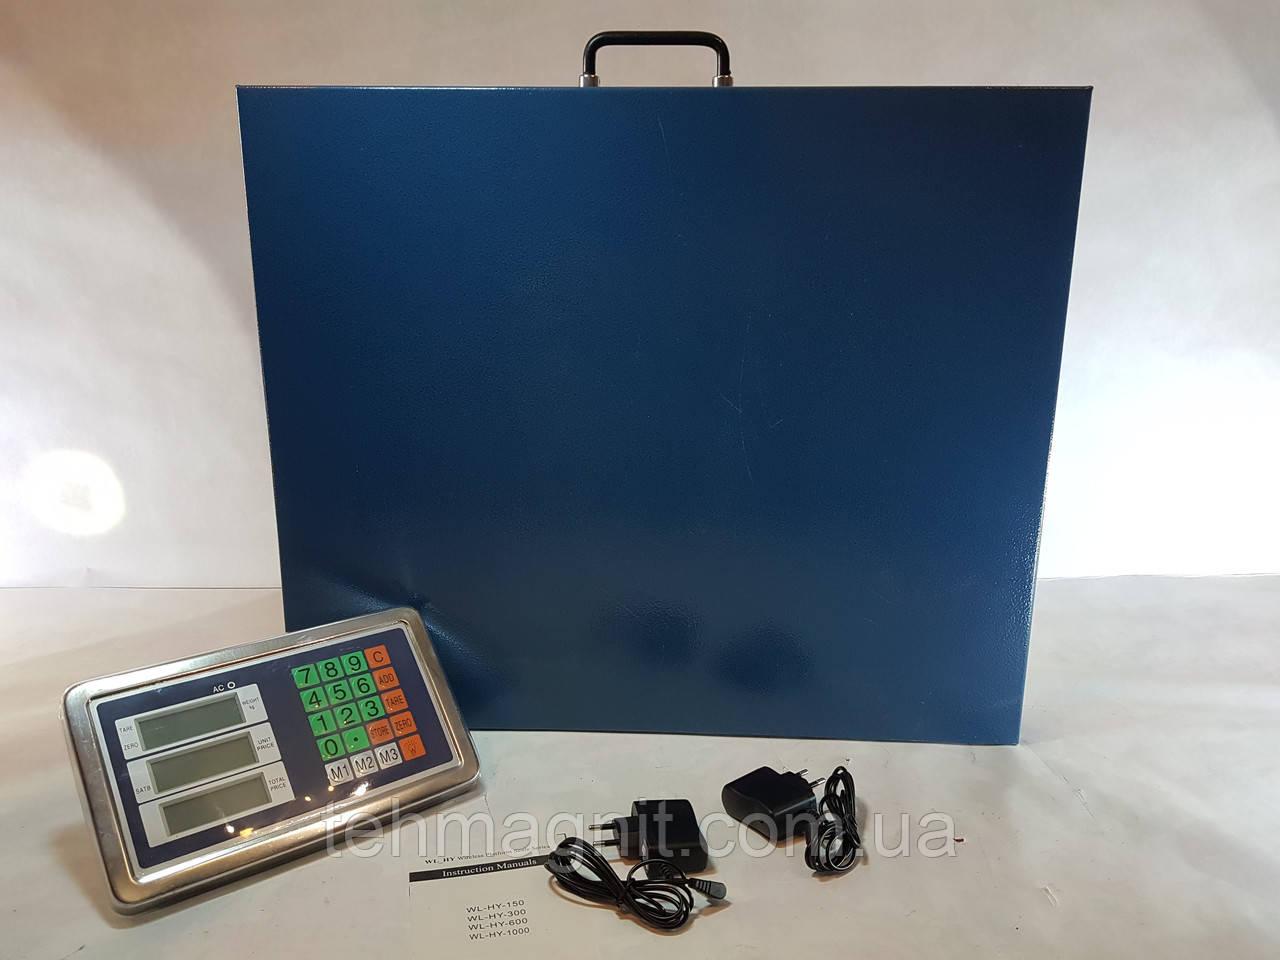 Беспроводные электронные торговые весы до 300 кг с Bluetooth , платформенные весы